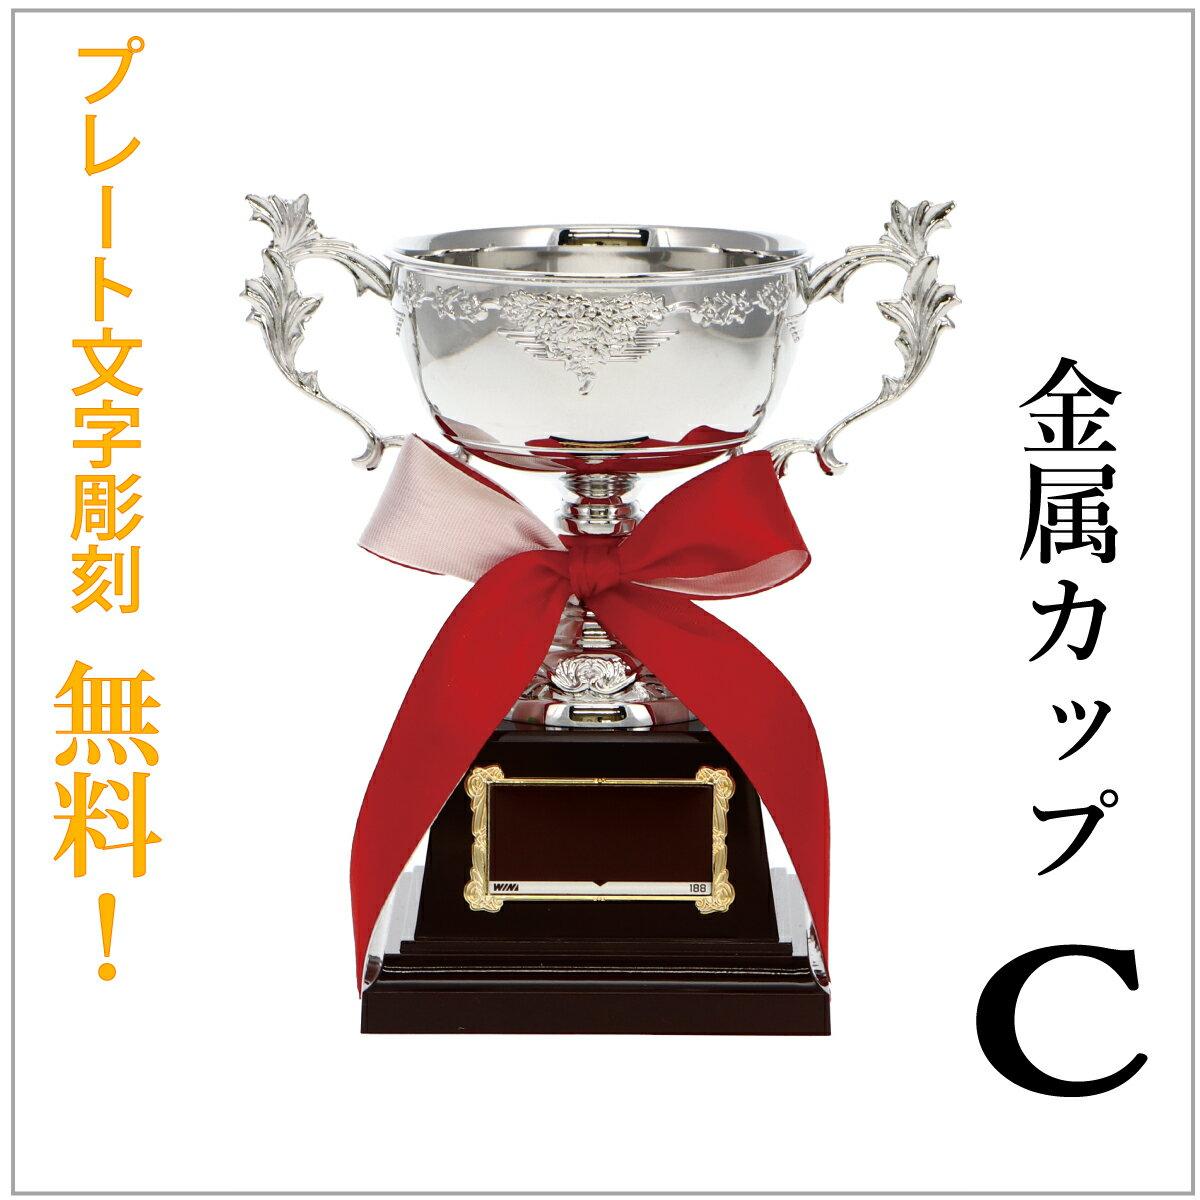 優勝カップ(外径9cm×高さ17cm)金属製・文...の商品画像